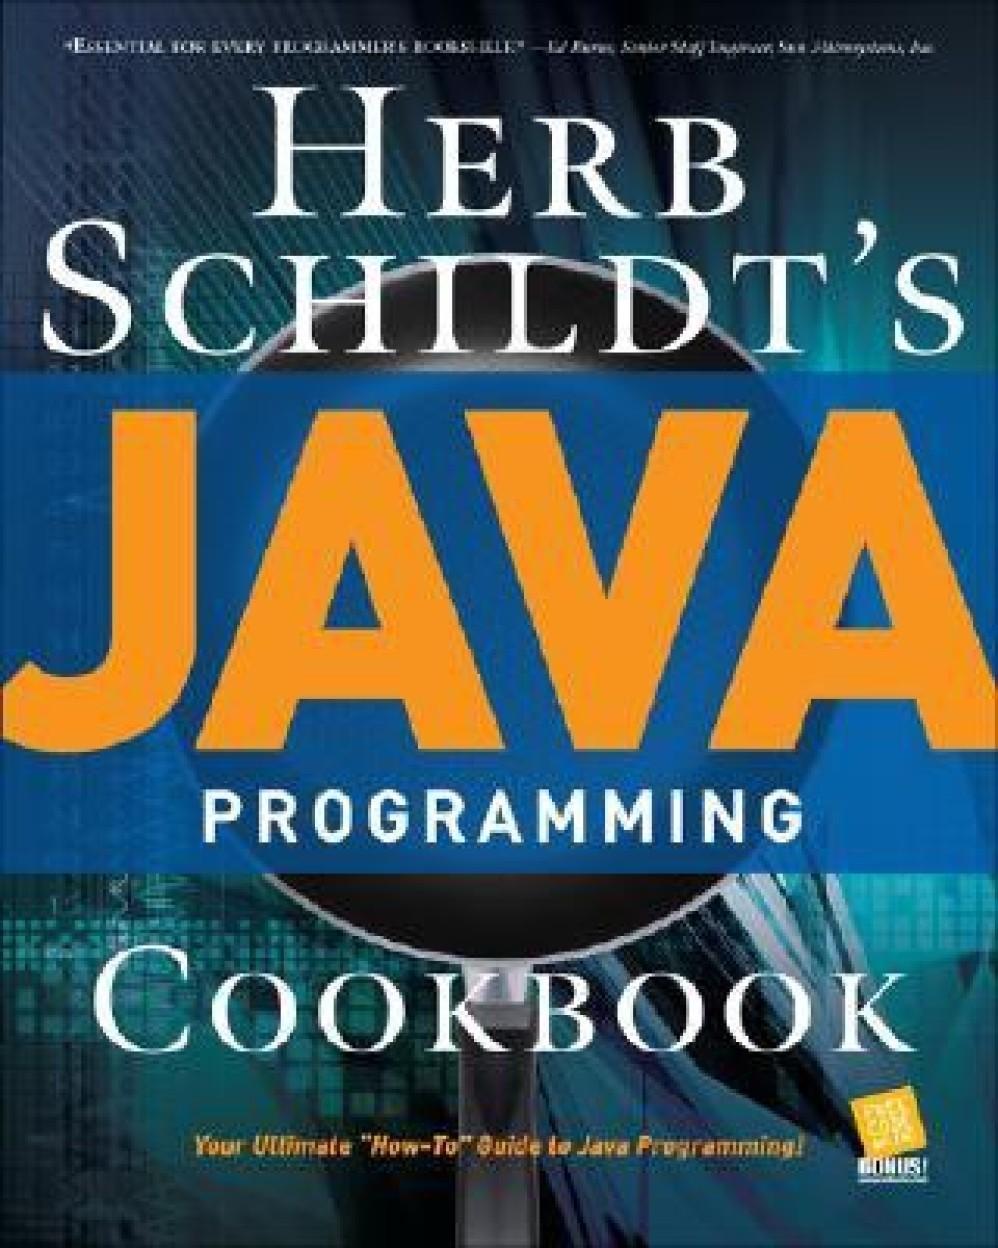 Herb Schildt's Java Programming Cookbook by Herbert Schildt